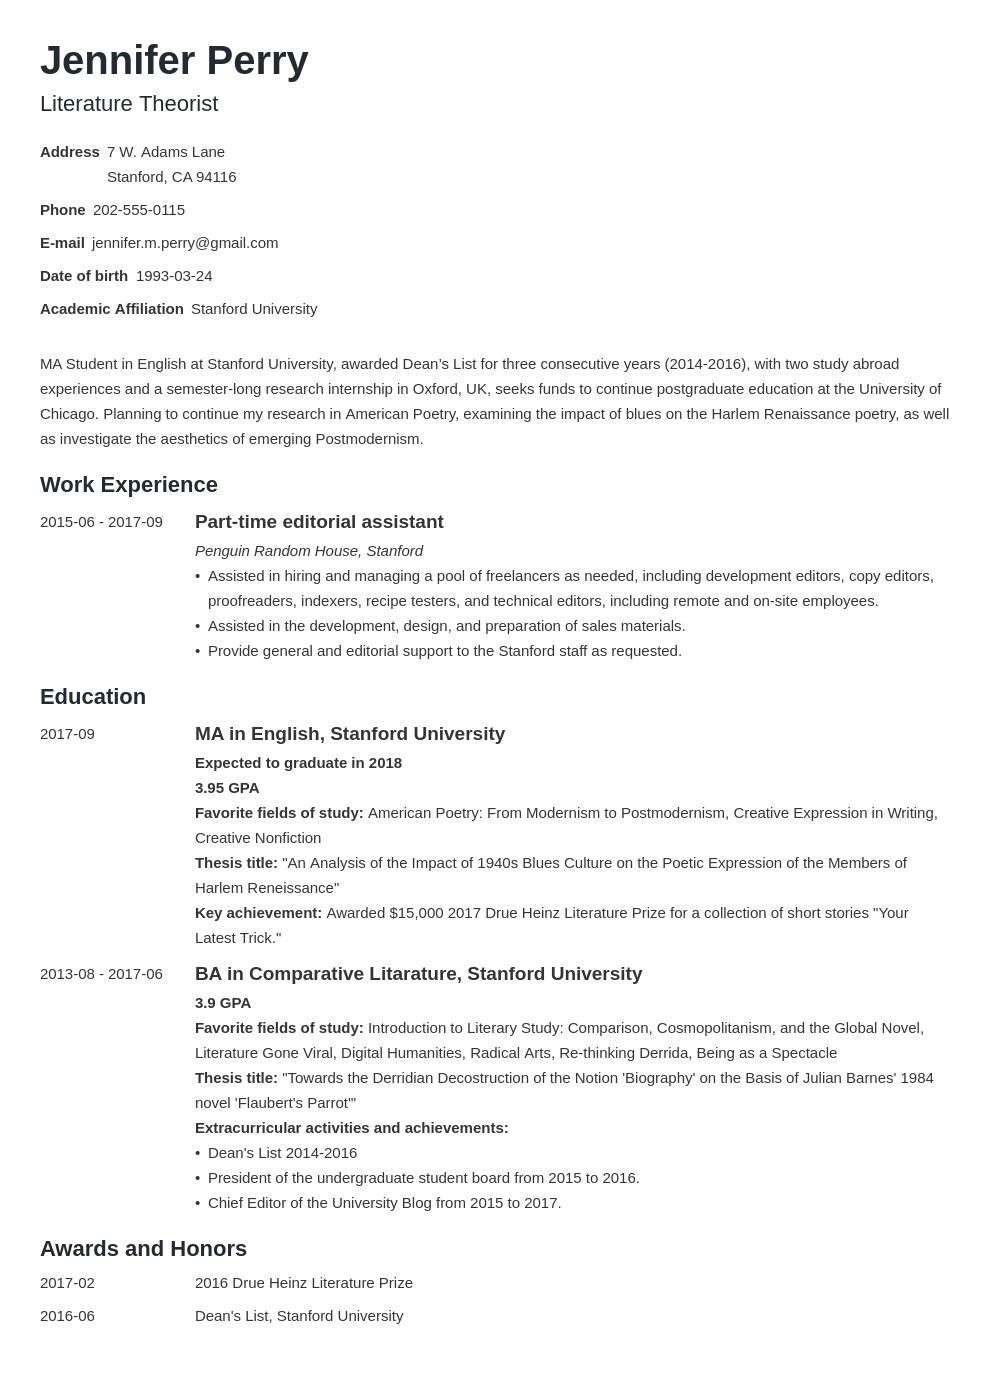 Scholarship Resume Example Template Minimo Resume Examples Job Resume Examples Basic Resume